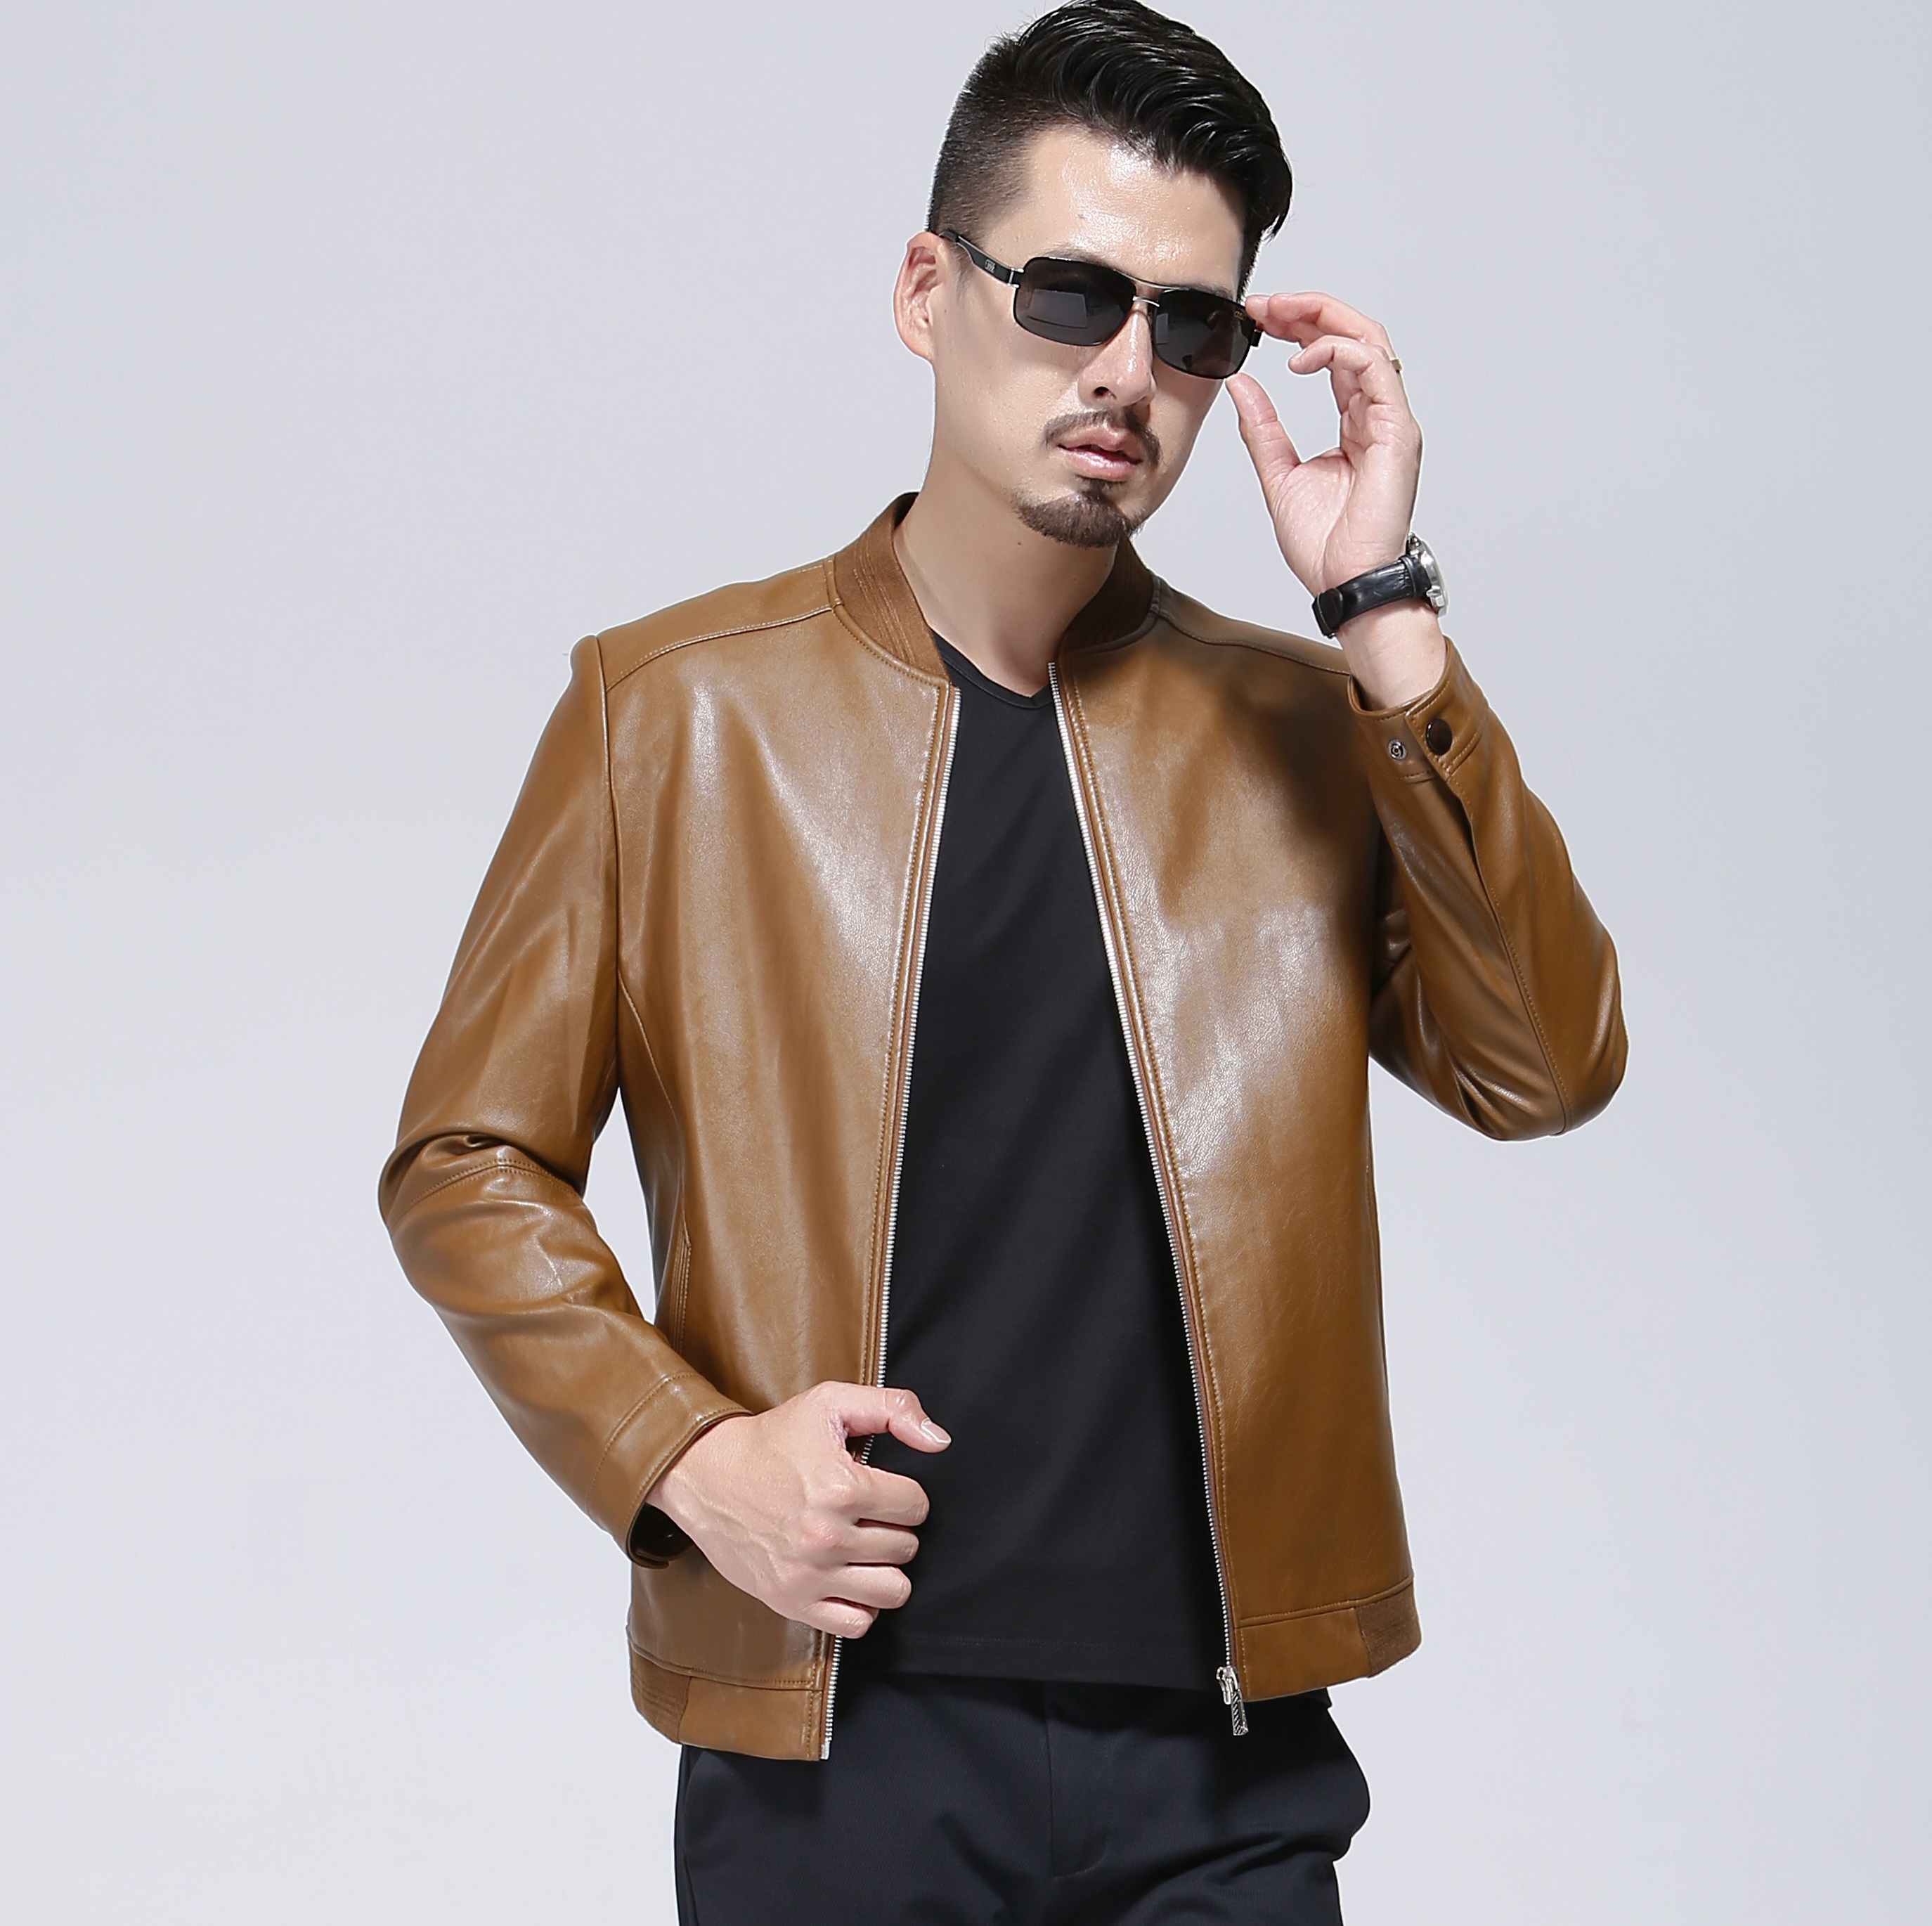 Cuir Manteau Veste Mode Printemps Et Nouvelle En De jaune Automne 1713 bleu Vêtements Noir Homme Hommes Jeune Décontractée pPz5X6w